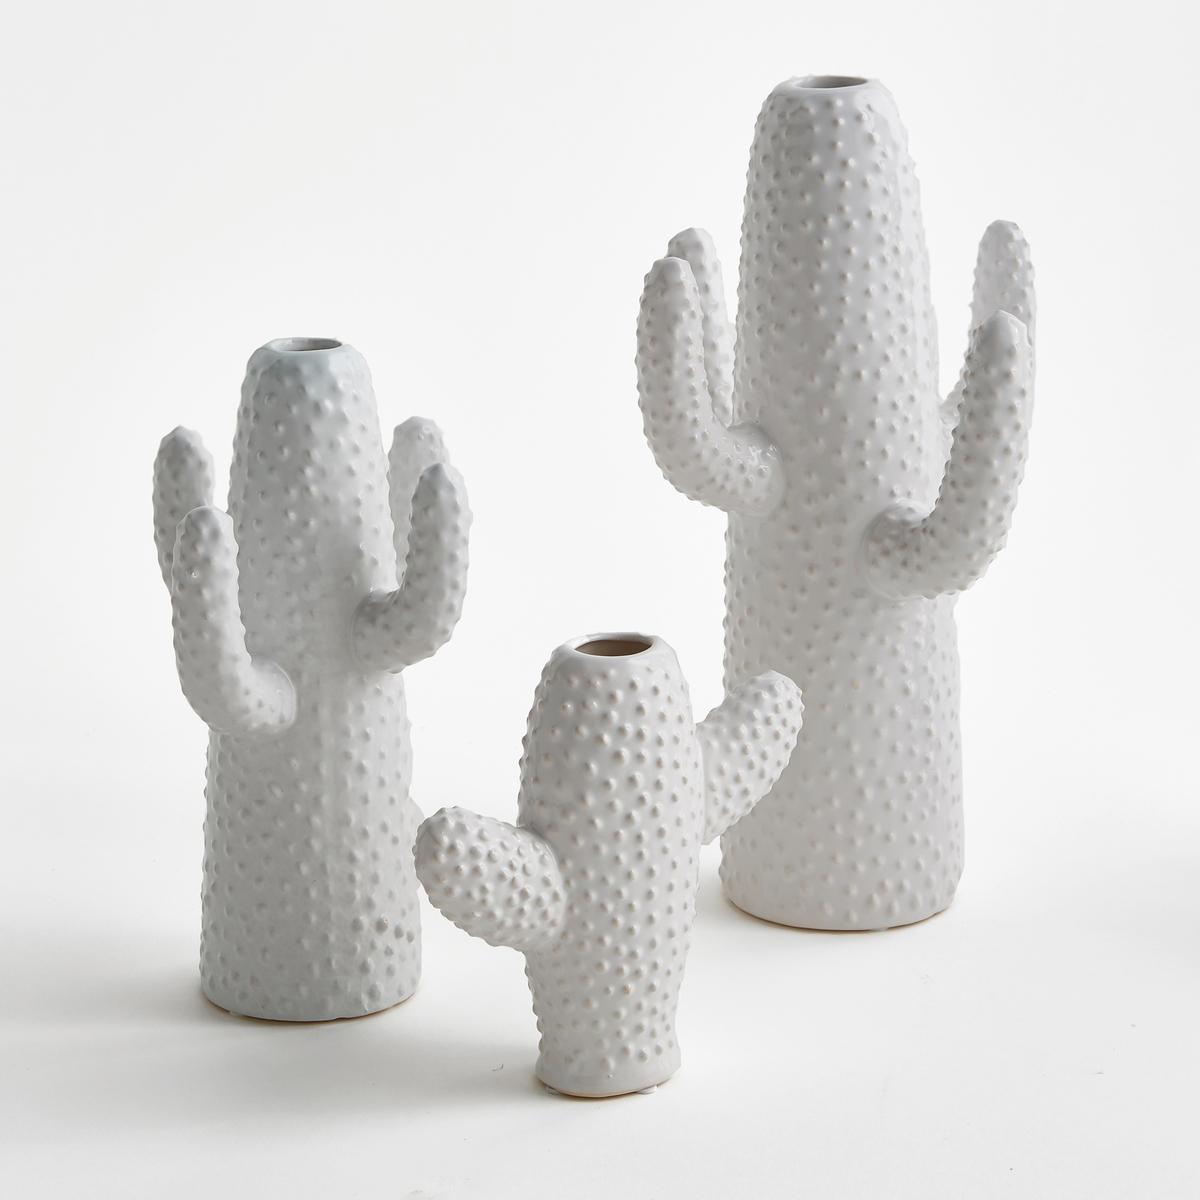 Ваза Cactus, высота 40 см, дизайн М. Михельссен для Serax